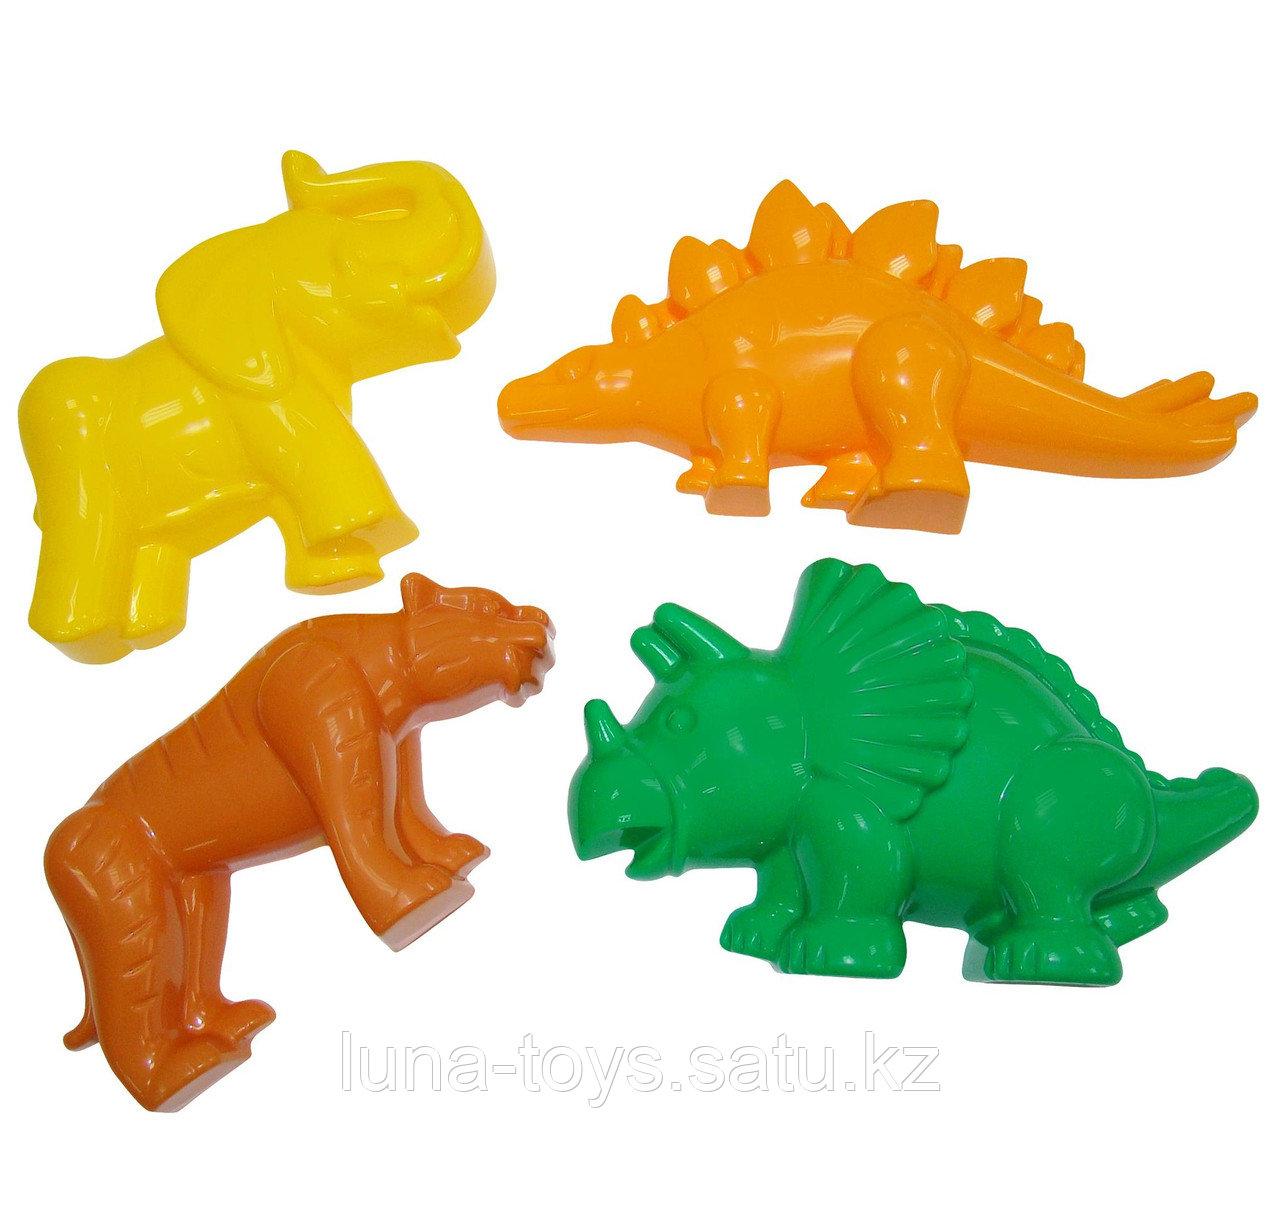 Формочки (тигр + мамонт + динозавр №1 + динозавр №2)